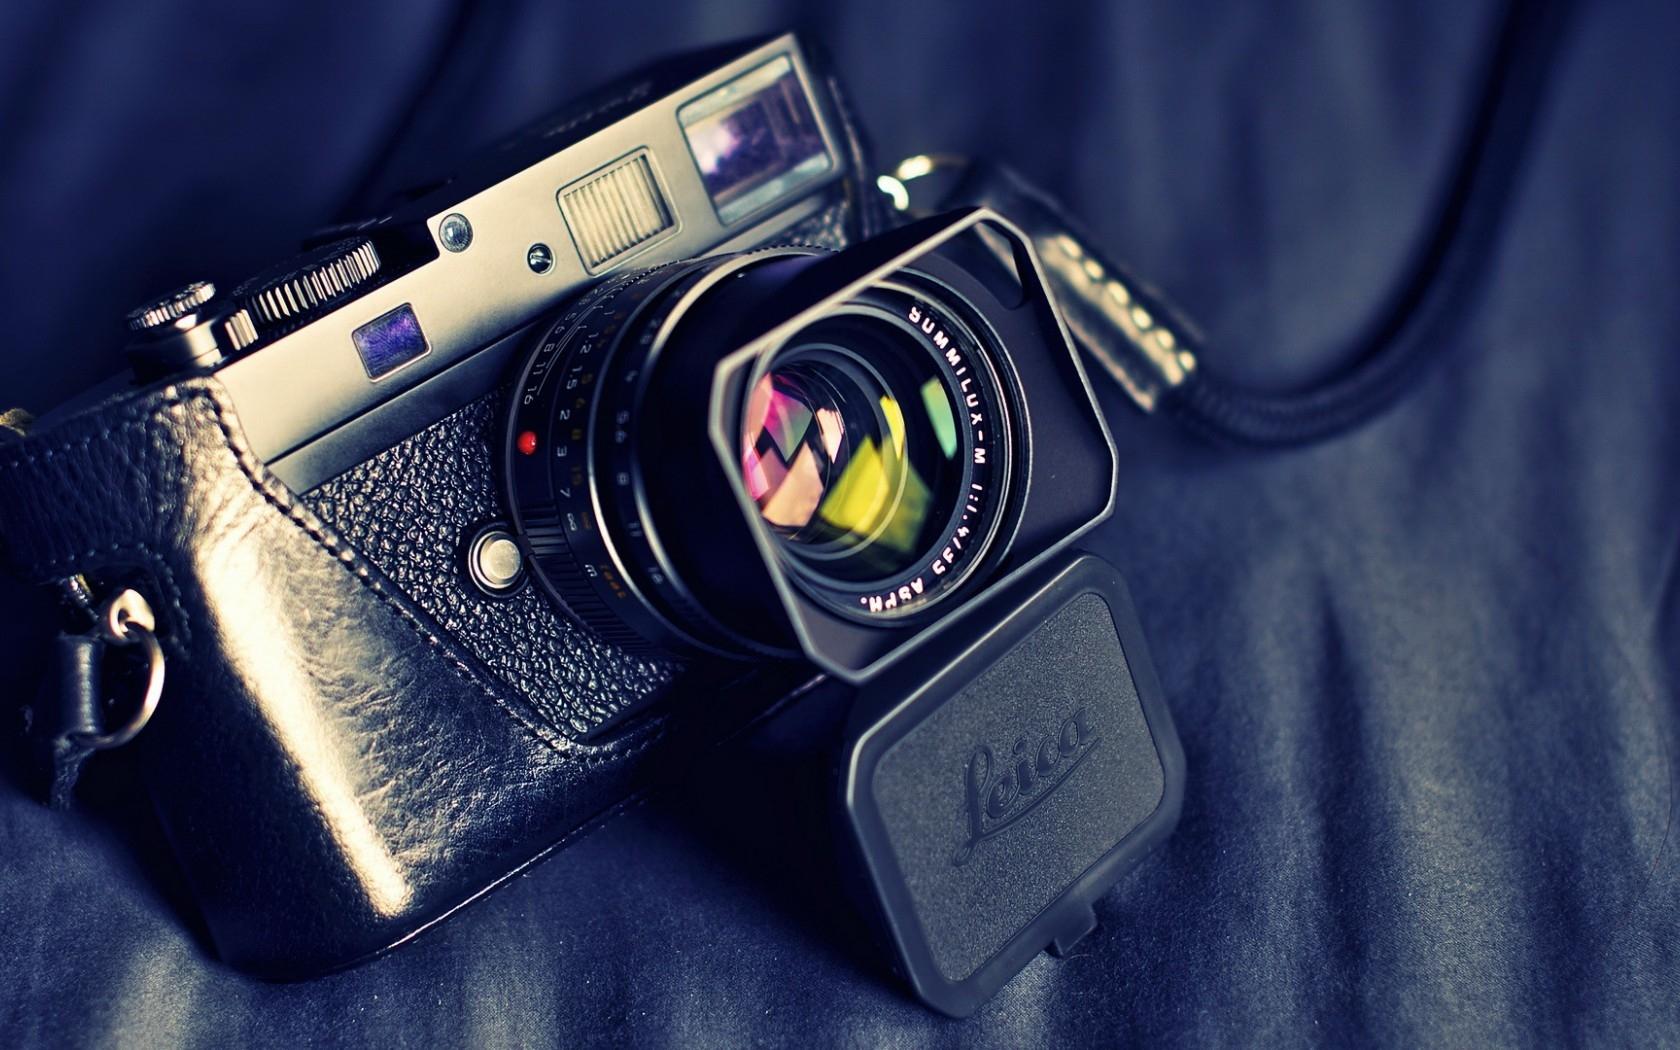 Entfernungsmesser Für Fotografie : Hintergrundbilder : uhr fotografie kamera blau marke hand